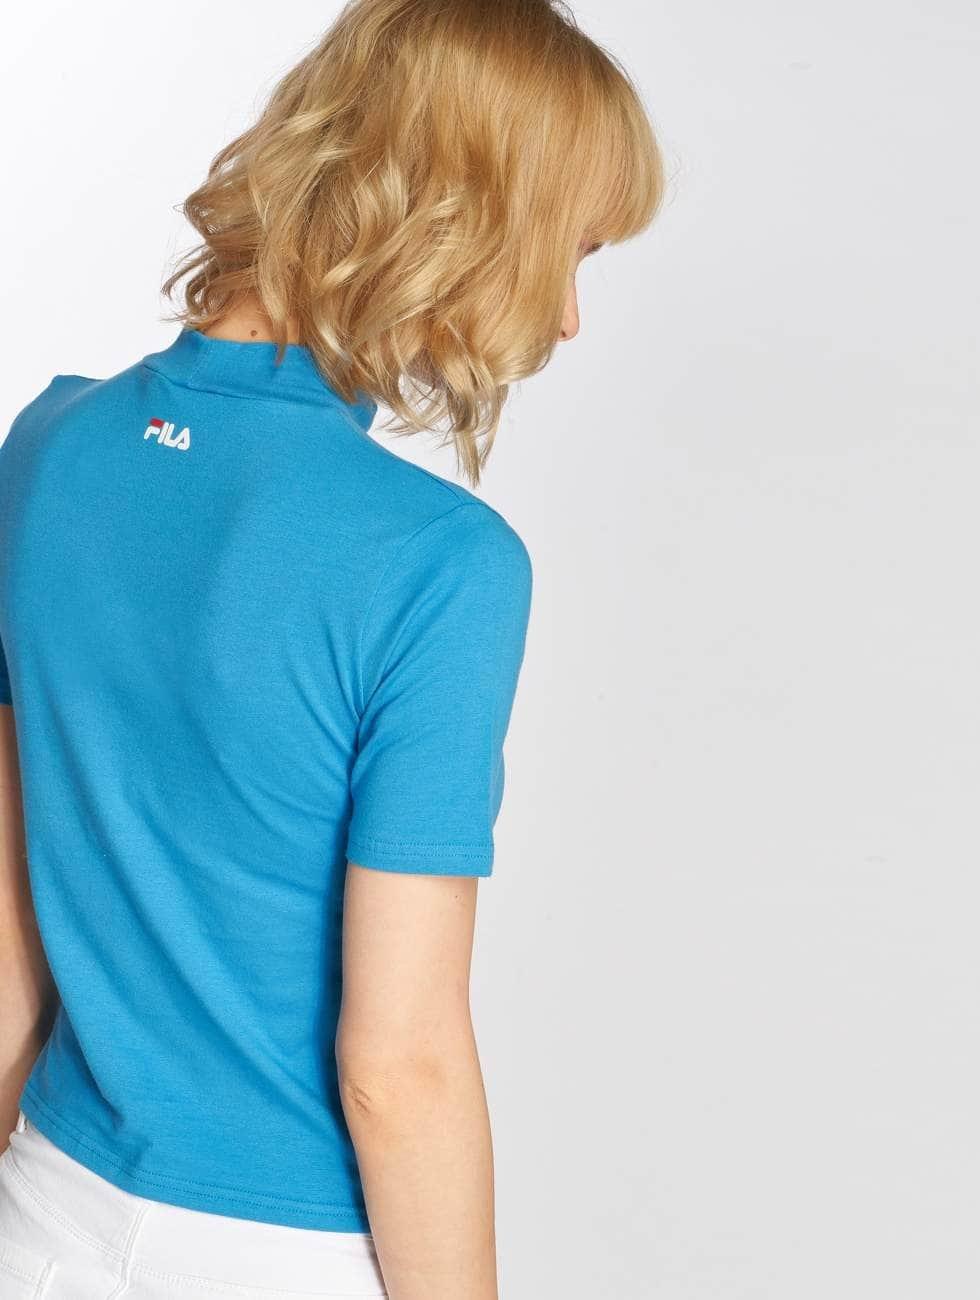 FILA T-Shirt Every Turtle blue